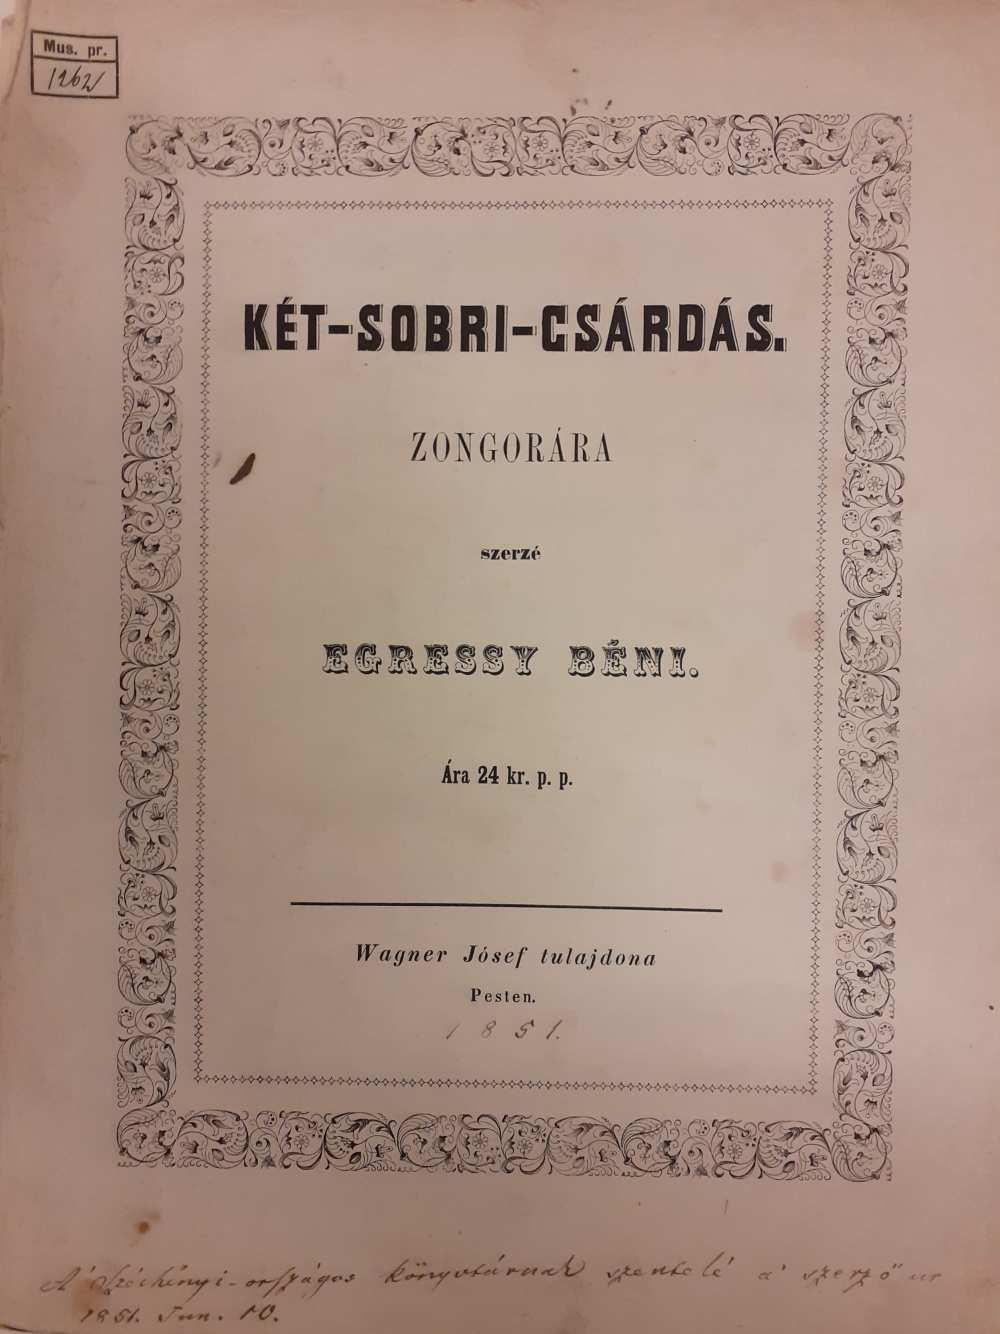 Két-Sobri-csárdás. Zongorára. Szerzé Egressy Béni. Wagner Jósef, Pesten, [1851] – Színháztörténeti és Zeneműtár, Mus. pr. 1262